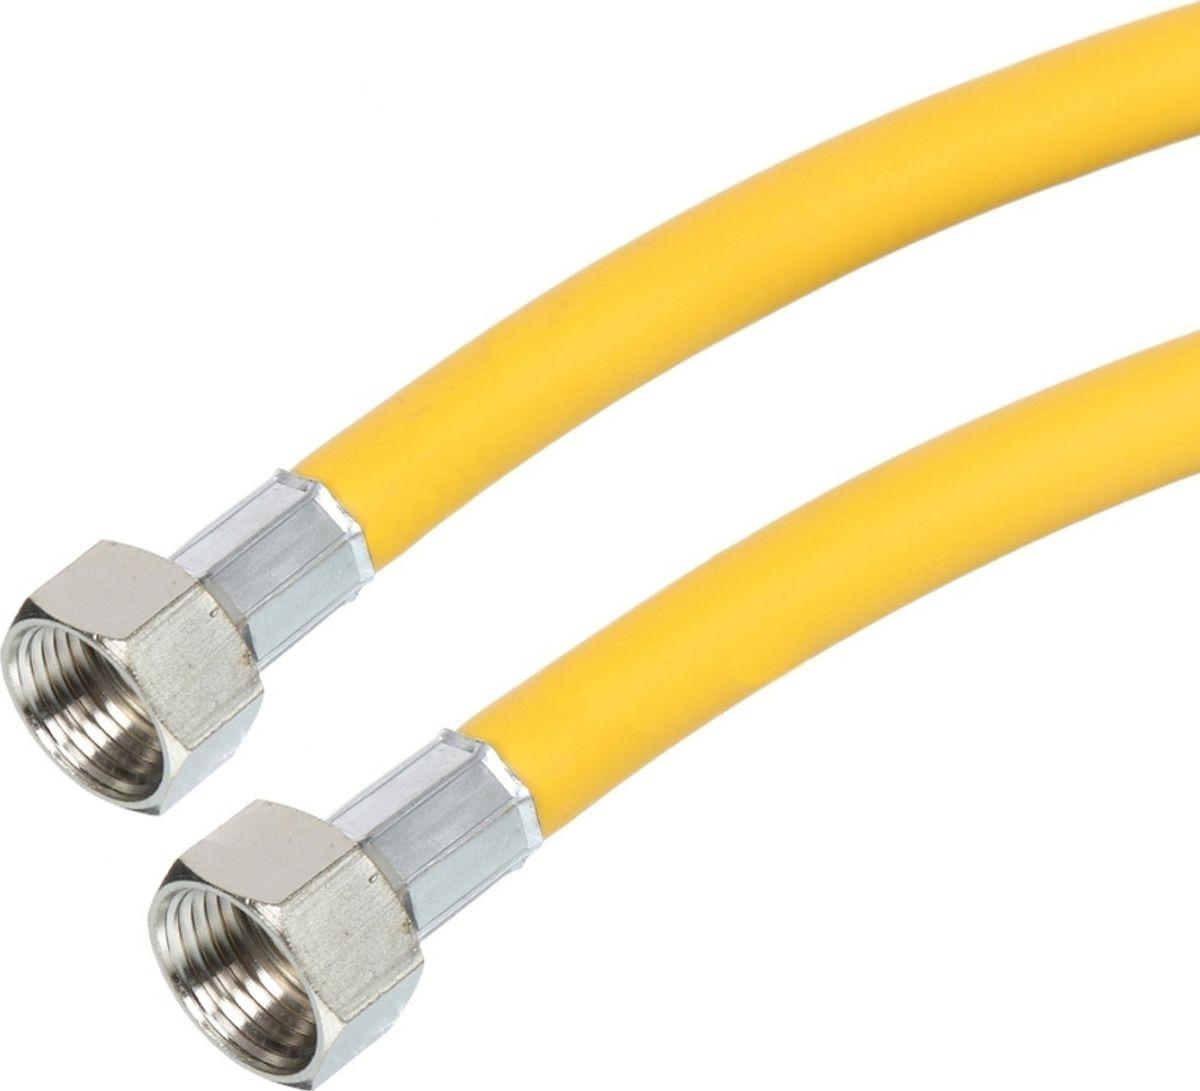 Шланг для газовых приборов Акваэлка, резиновый, цвет: желтый, 1/2х1,5 м в/в, MP-У газ всесезонный piktime для портативных газовых приборов 22